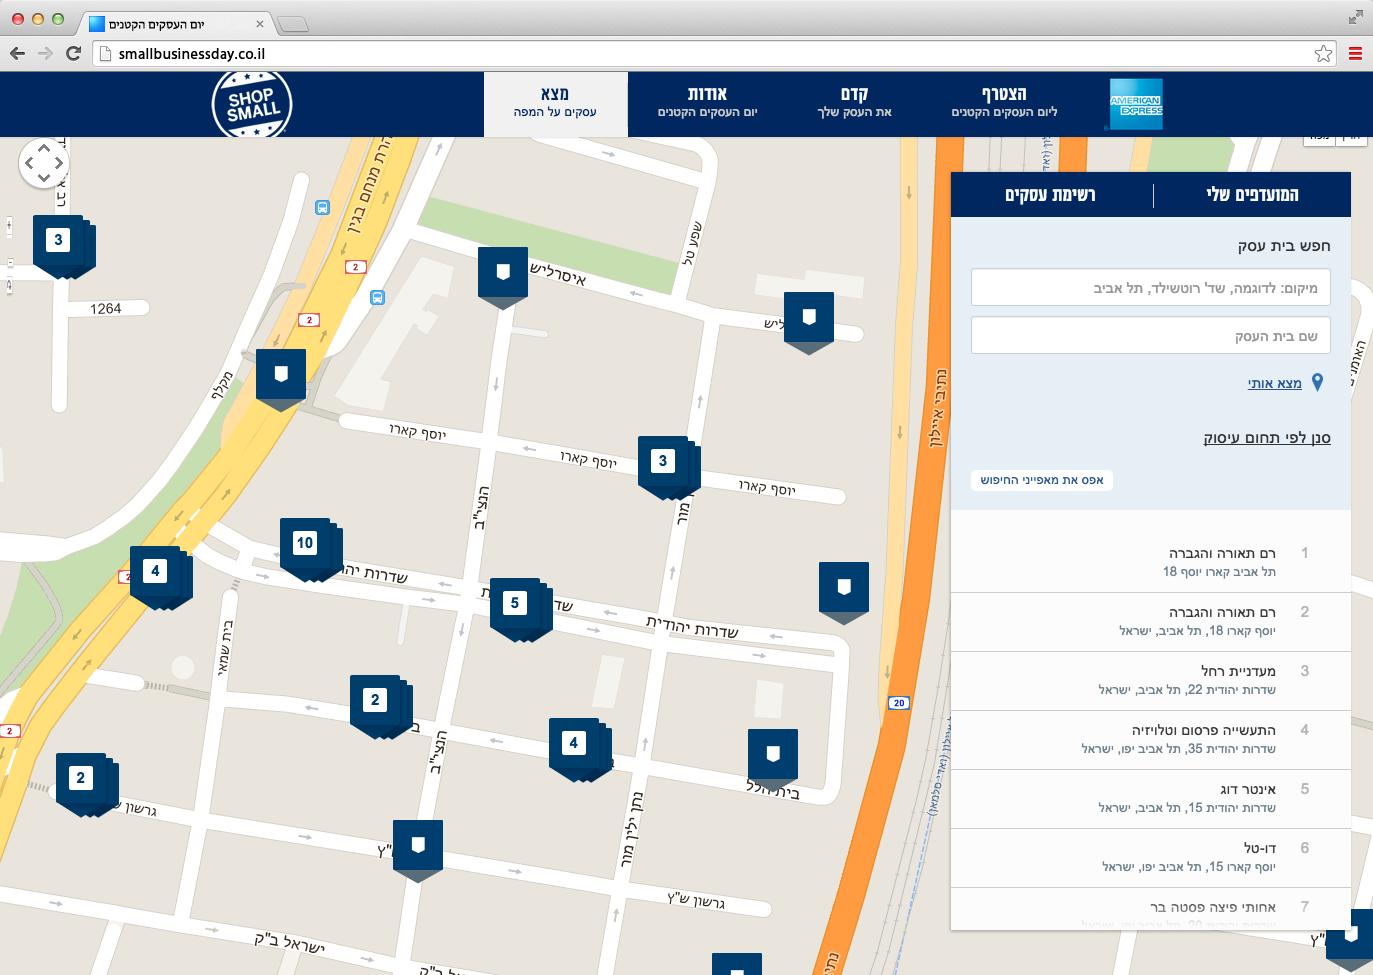 חיפוש העסקים הקרובים אלי על גבי המפה, גרסת הדסקטופ